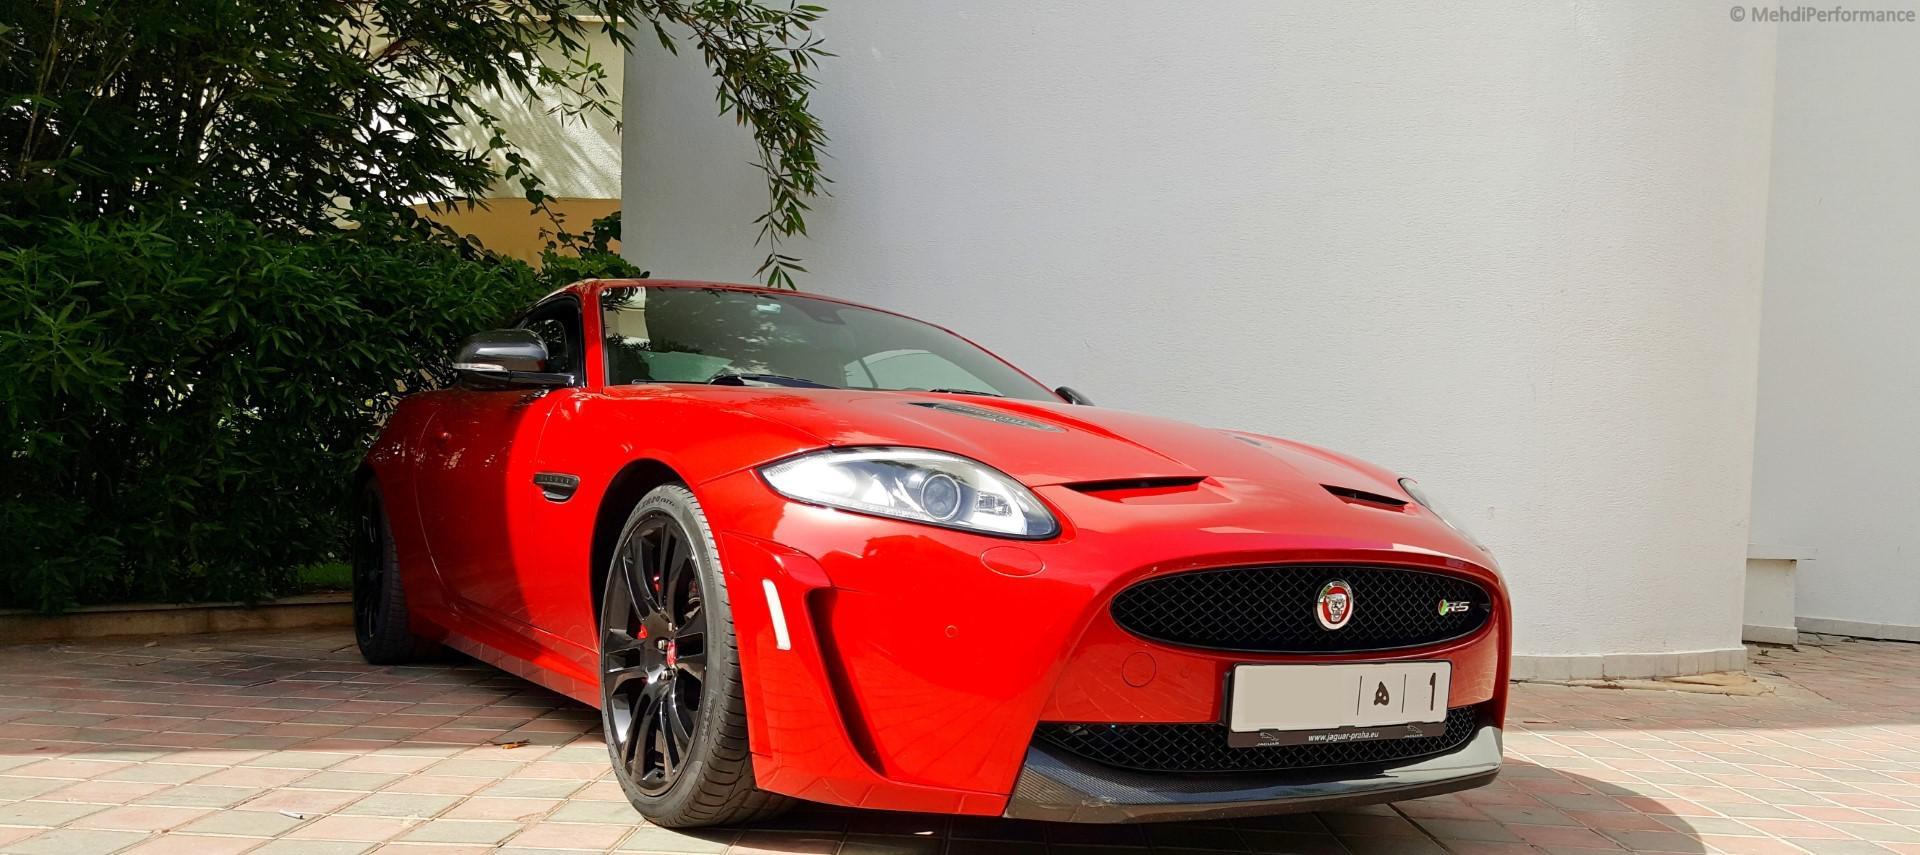 jaguar-royal-au-maroc-le-coupe-xkr-s-384-2.jpg